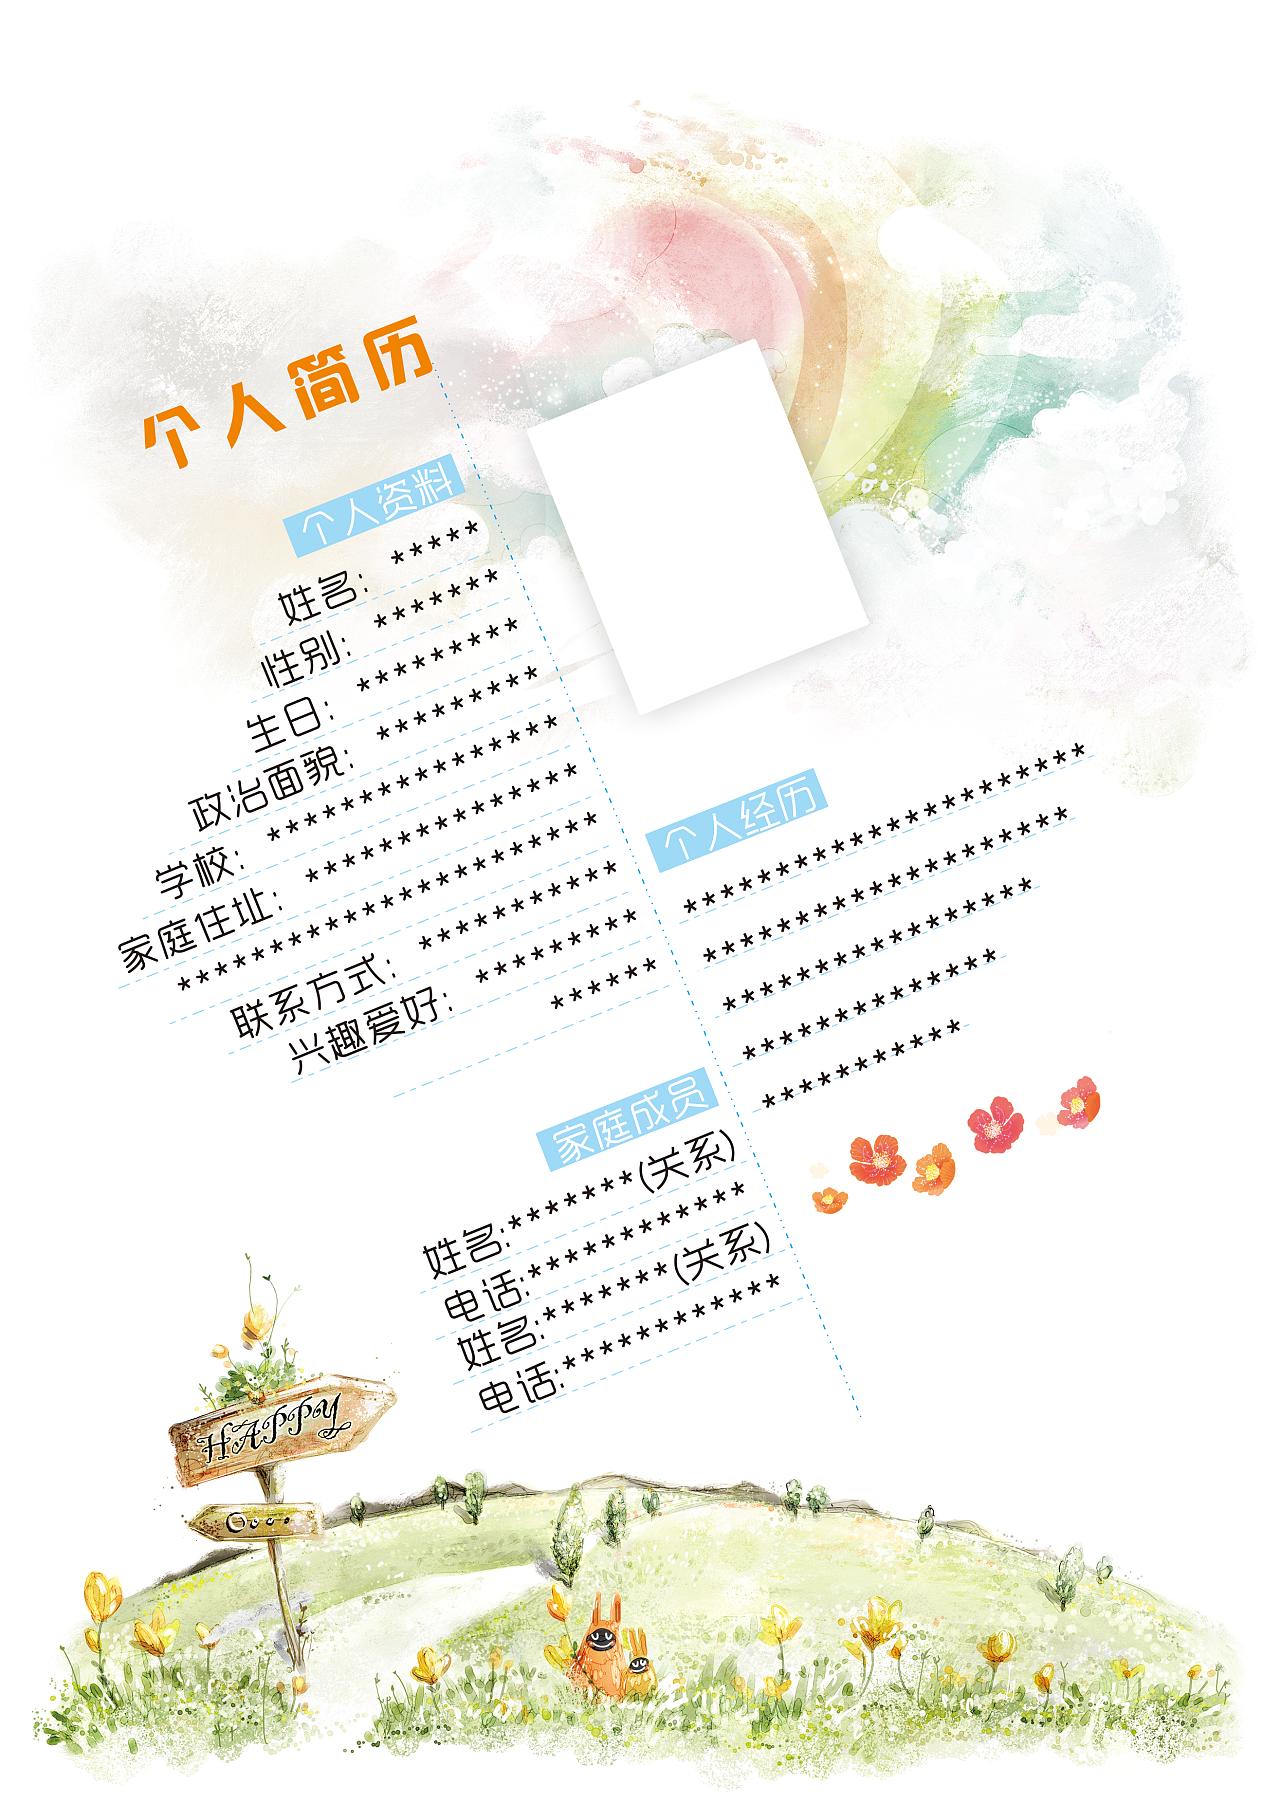 可爱,韩风,简历,手绘,清新,玫瑰花,彩虹